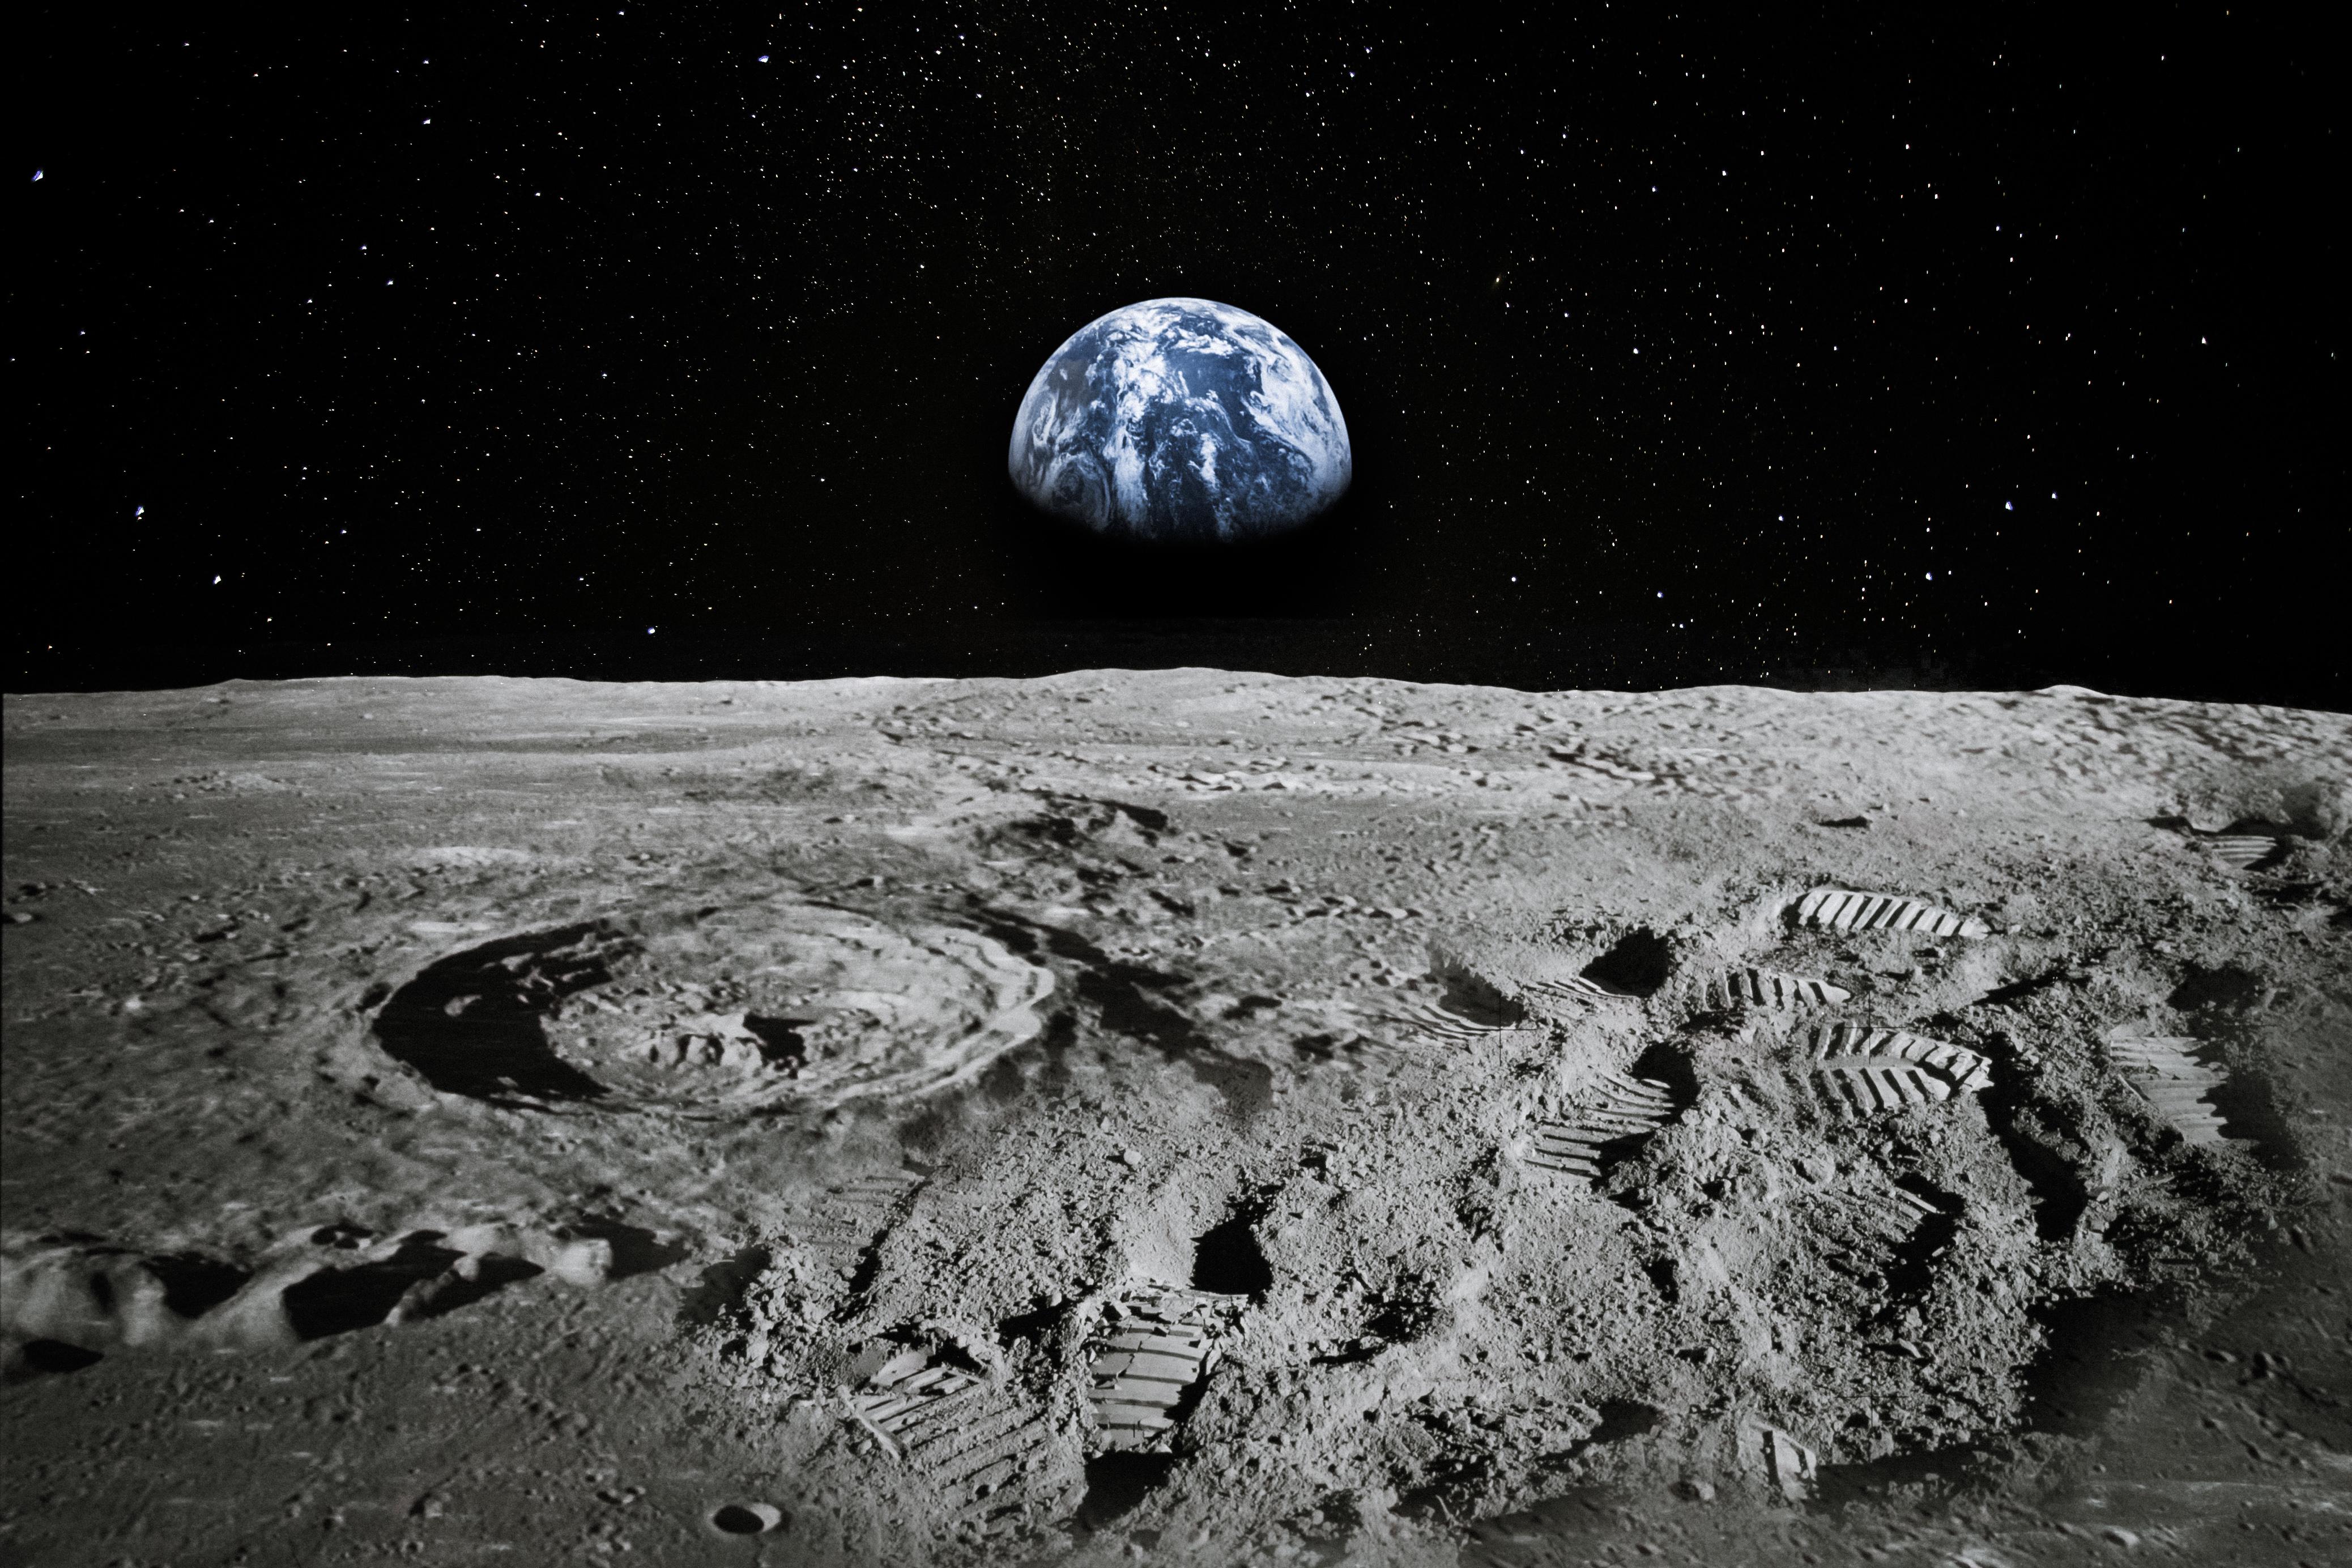 <p>За далечното бъдеще тя прогнозира, че &bdquo;животът в космоса ще бъде открит и изведнъж ще стане ясно как животът на Земята се е появил за първи път&ldquo;, а през следващите 200 години хората ще влязат в контакт със своите духовни братя и сестри от други светове.</p>